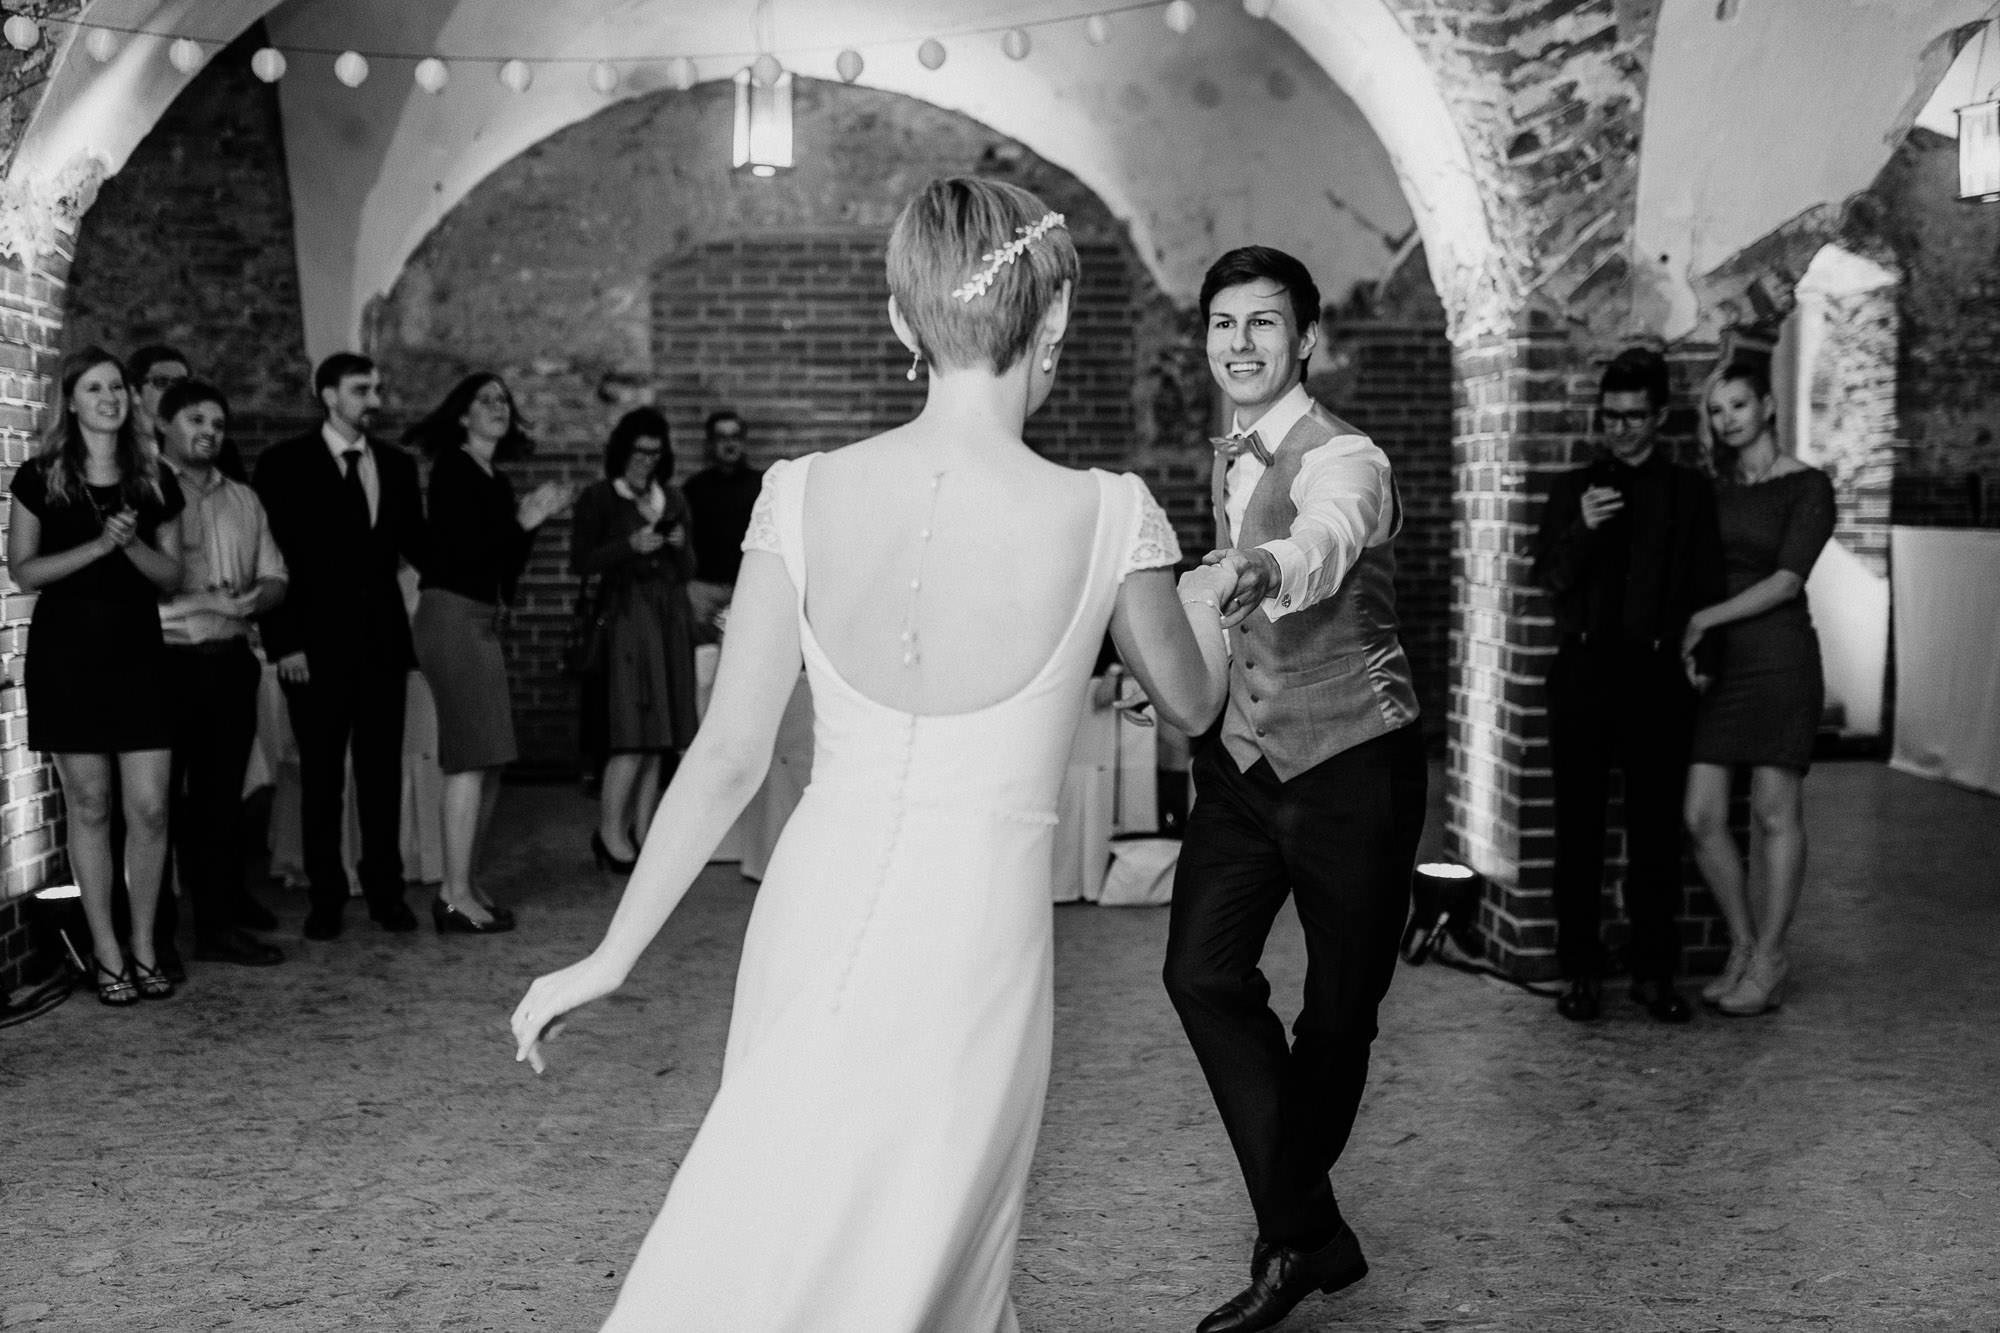 greenery-wedding-hochzeit-prielhof-sukkulenten-scheyern-lauraelenaphotography-116